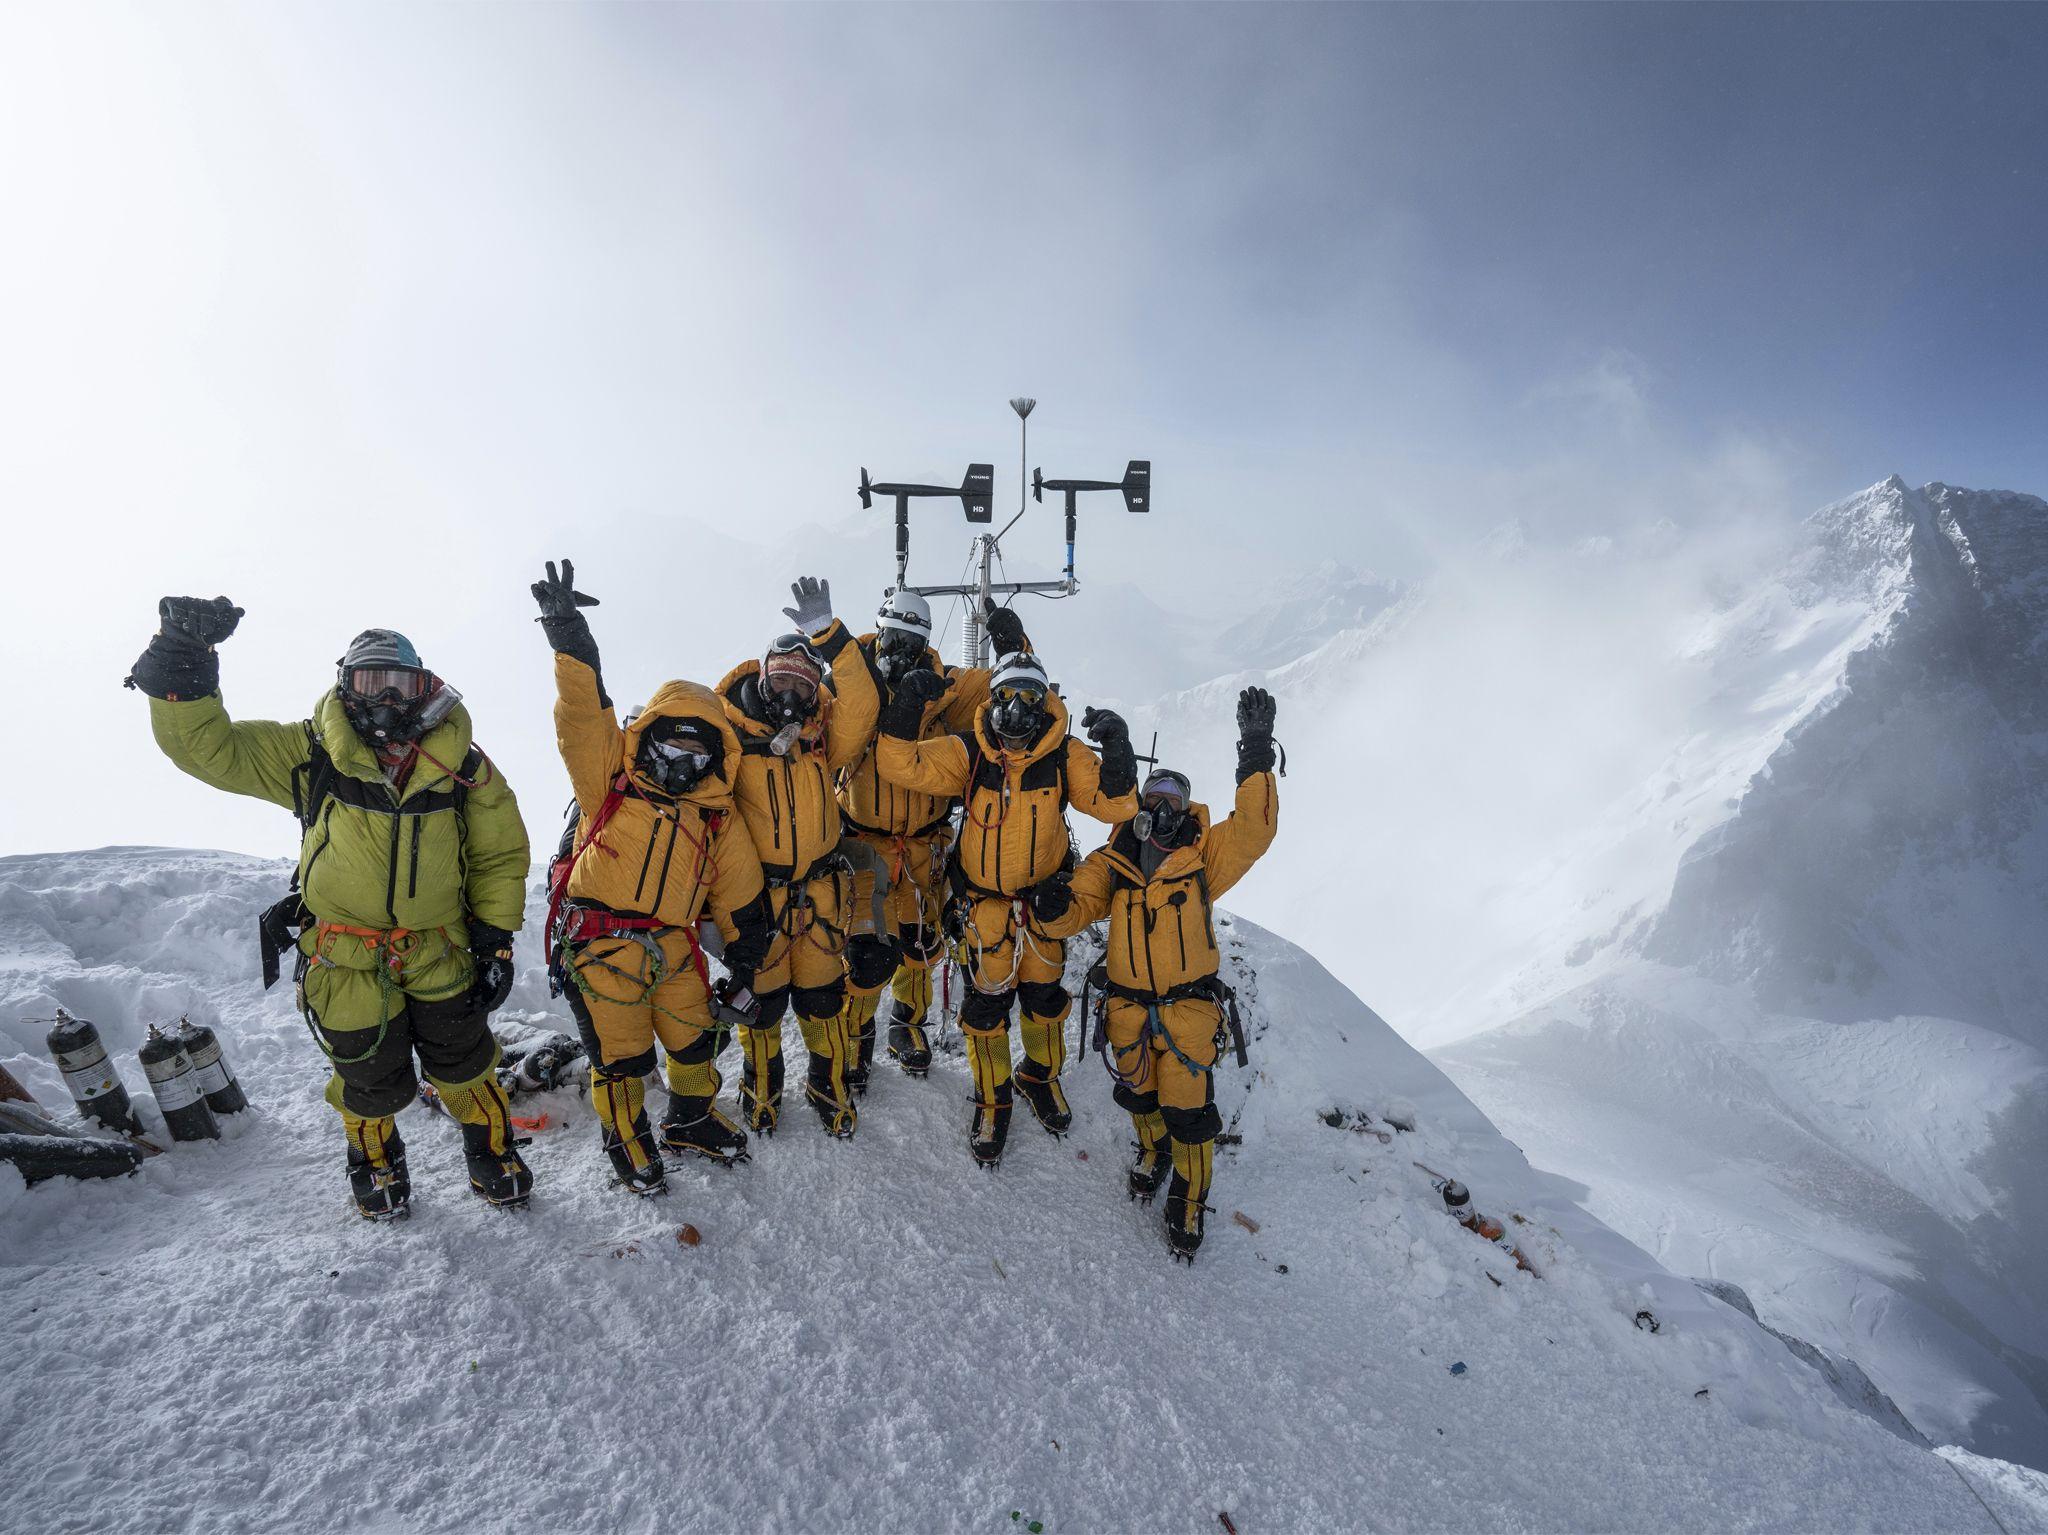 على ارتفاع  8,430 مترًا فوق سطح البحر، يحتفل أعضاء  فريق... [Photo of the day - يوليو 2020]